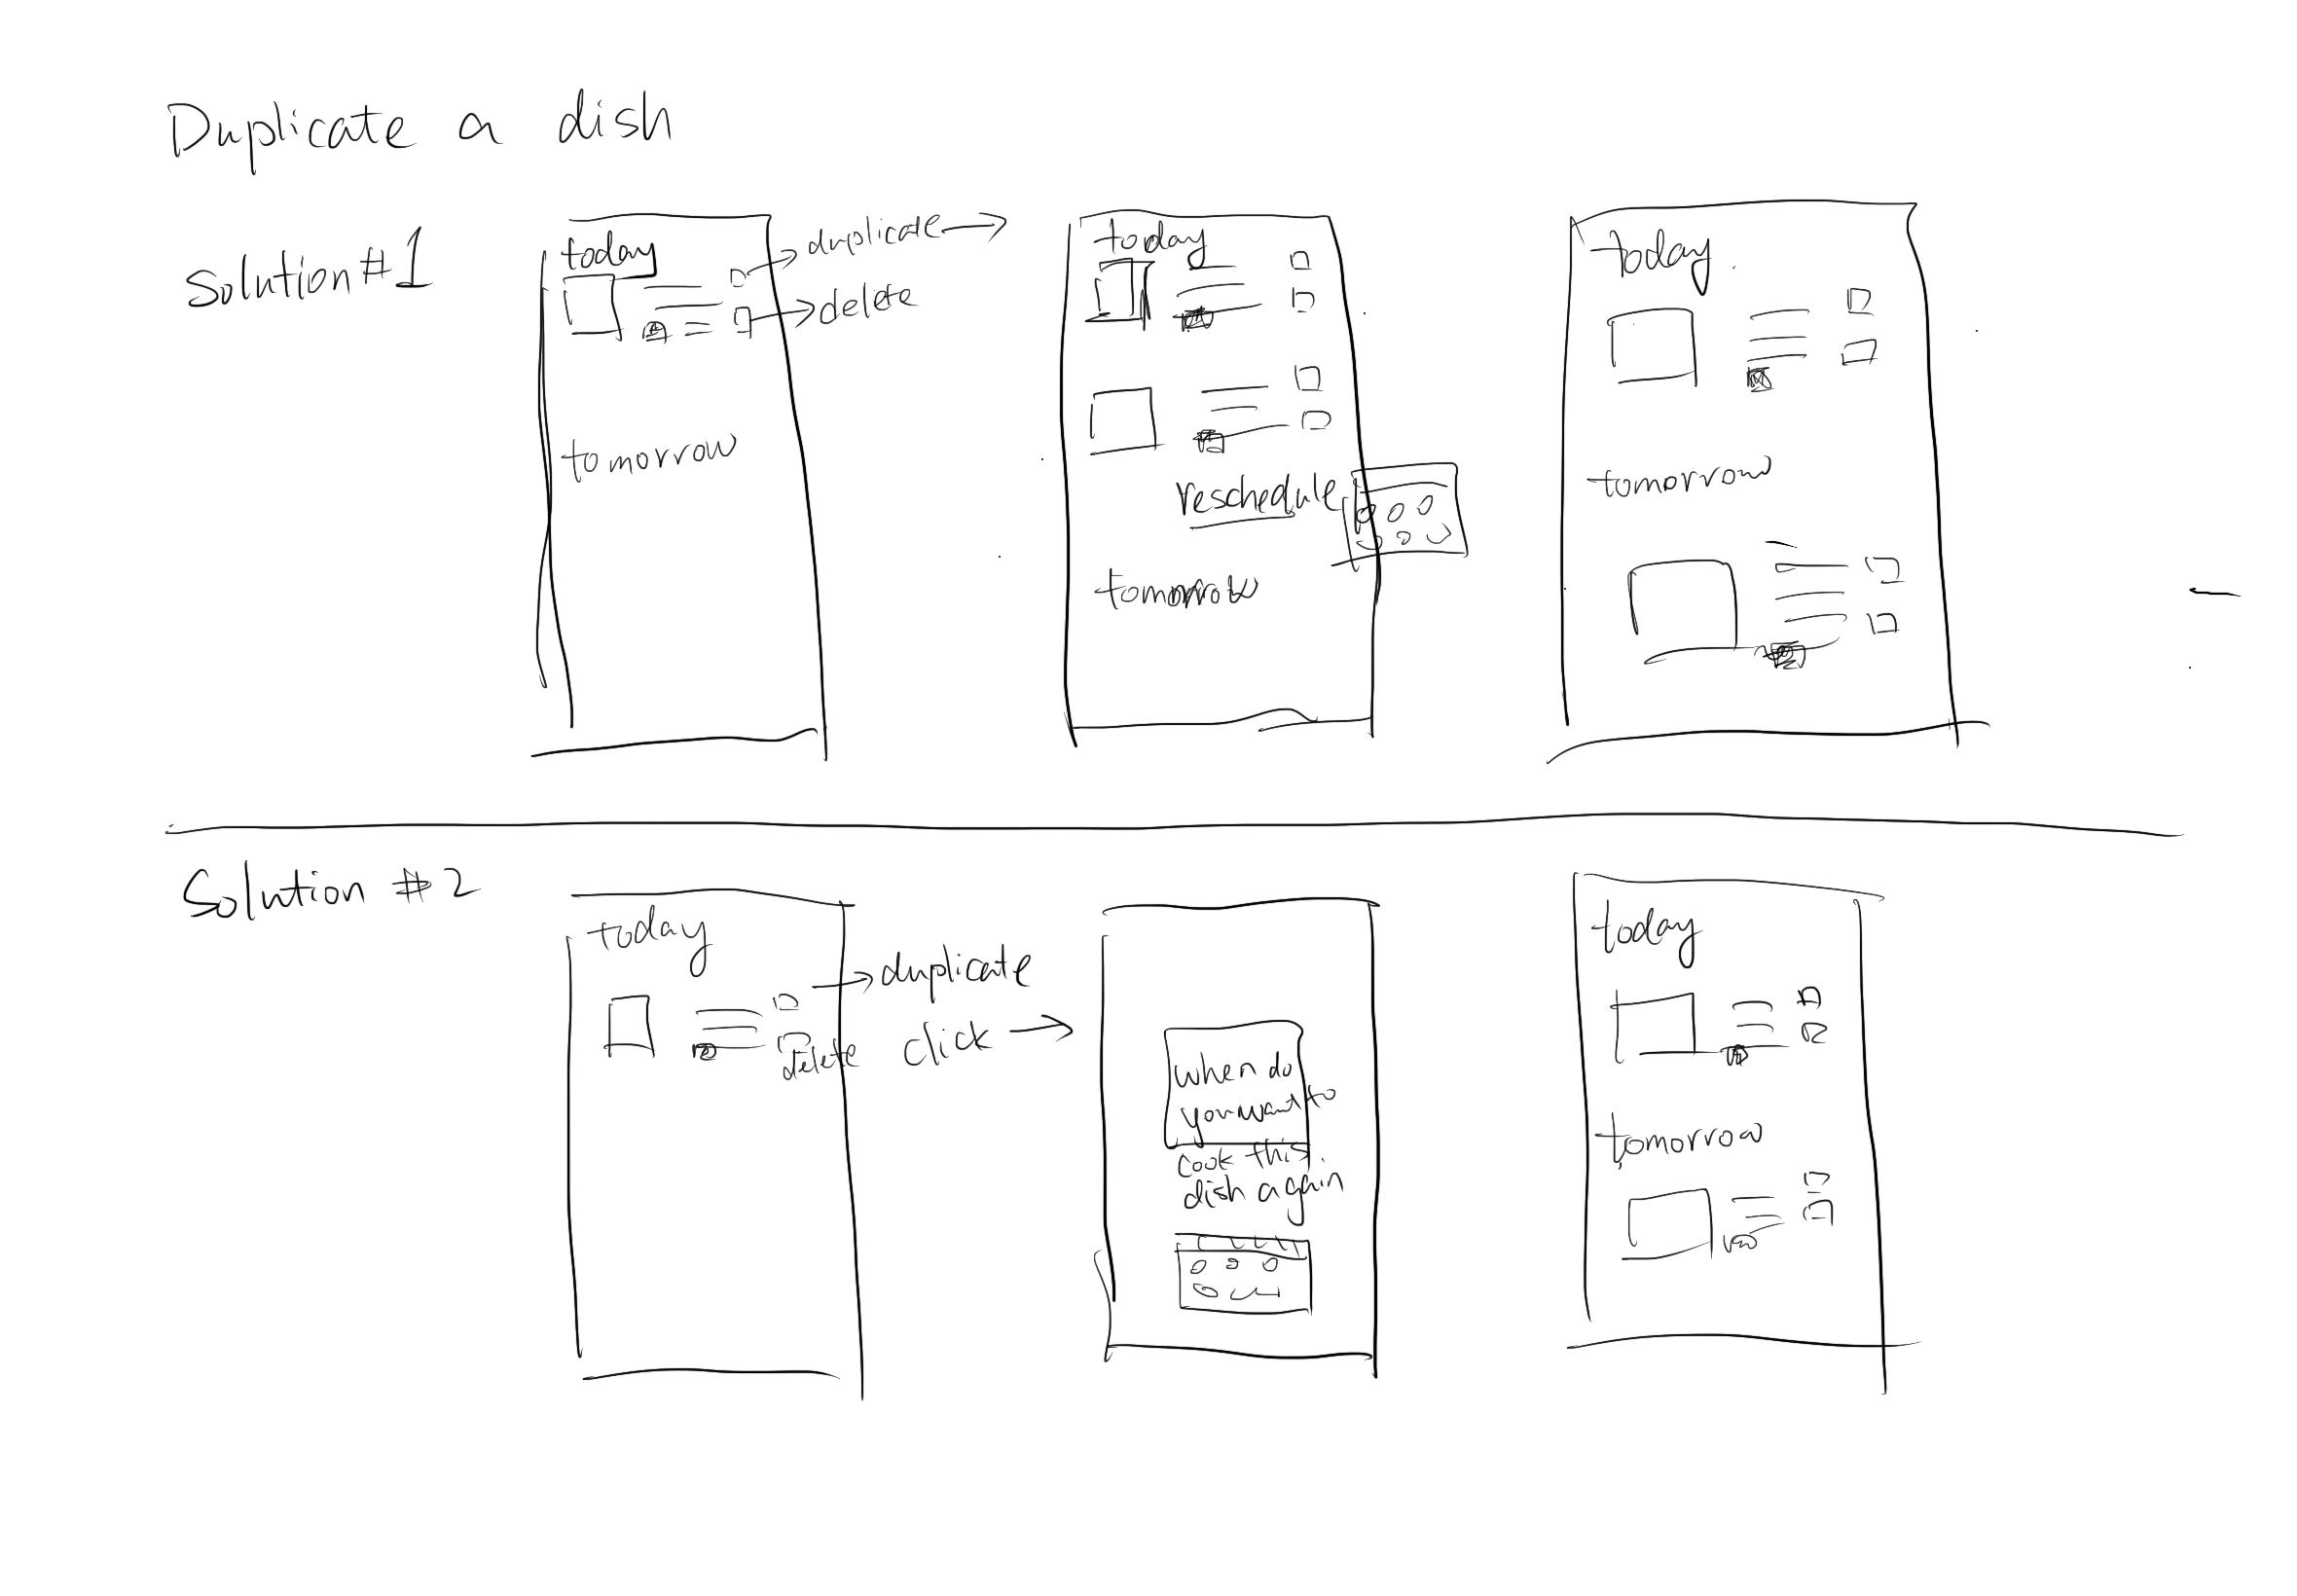 Four step sketch - solution